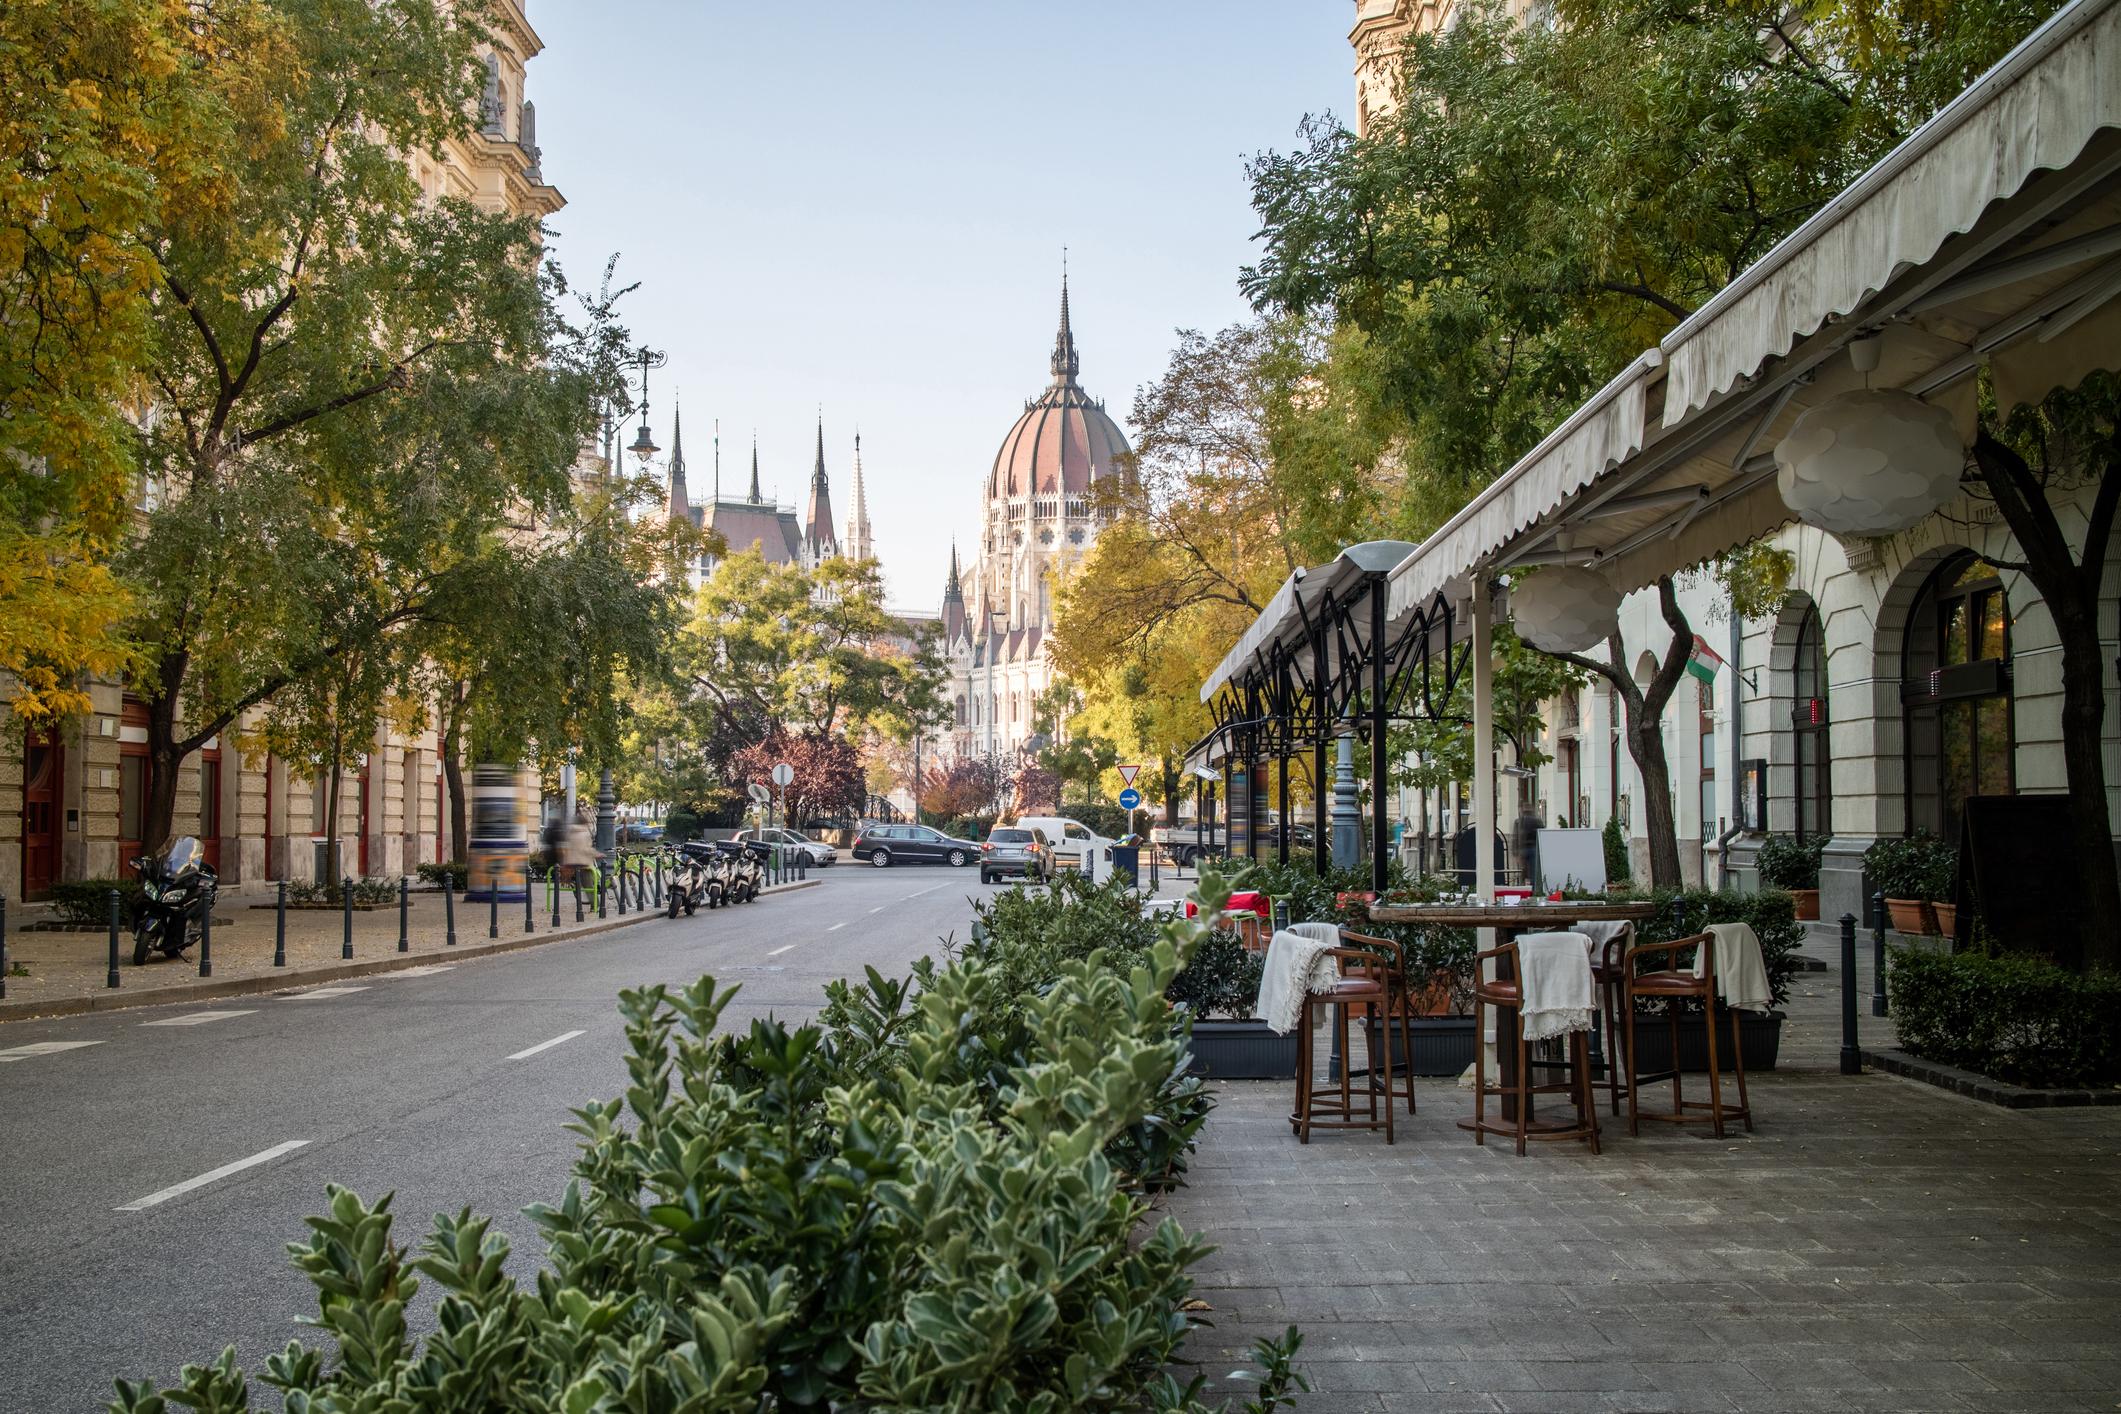 Будапеща оглавява класацията за топ европейски дестинации през 2019 година. Унгарският град на Дунав впечатлява с разнообразни архитектурни и исторически паметници, уют и вкусна храна.